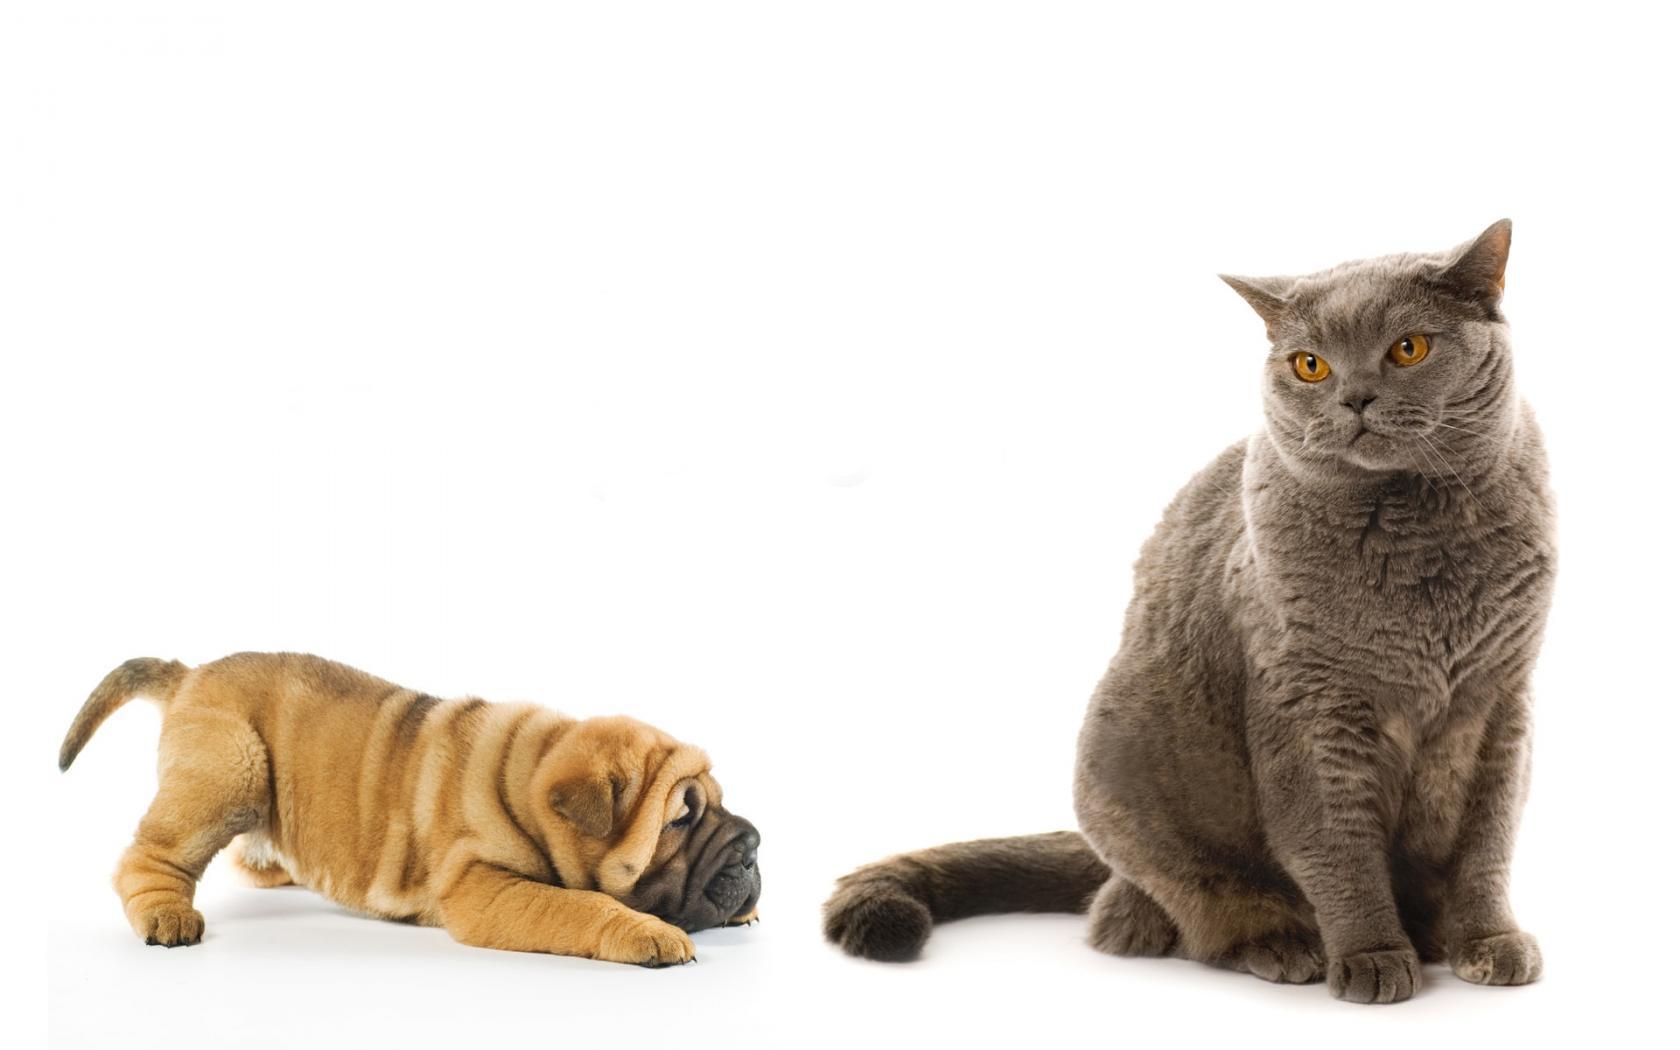 Кошка и собака обои для рабочего стола, картинки, фото ...